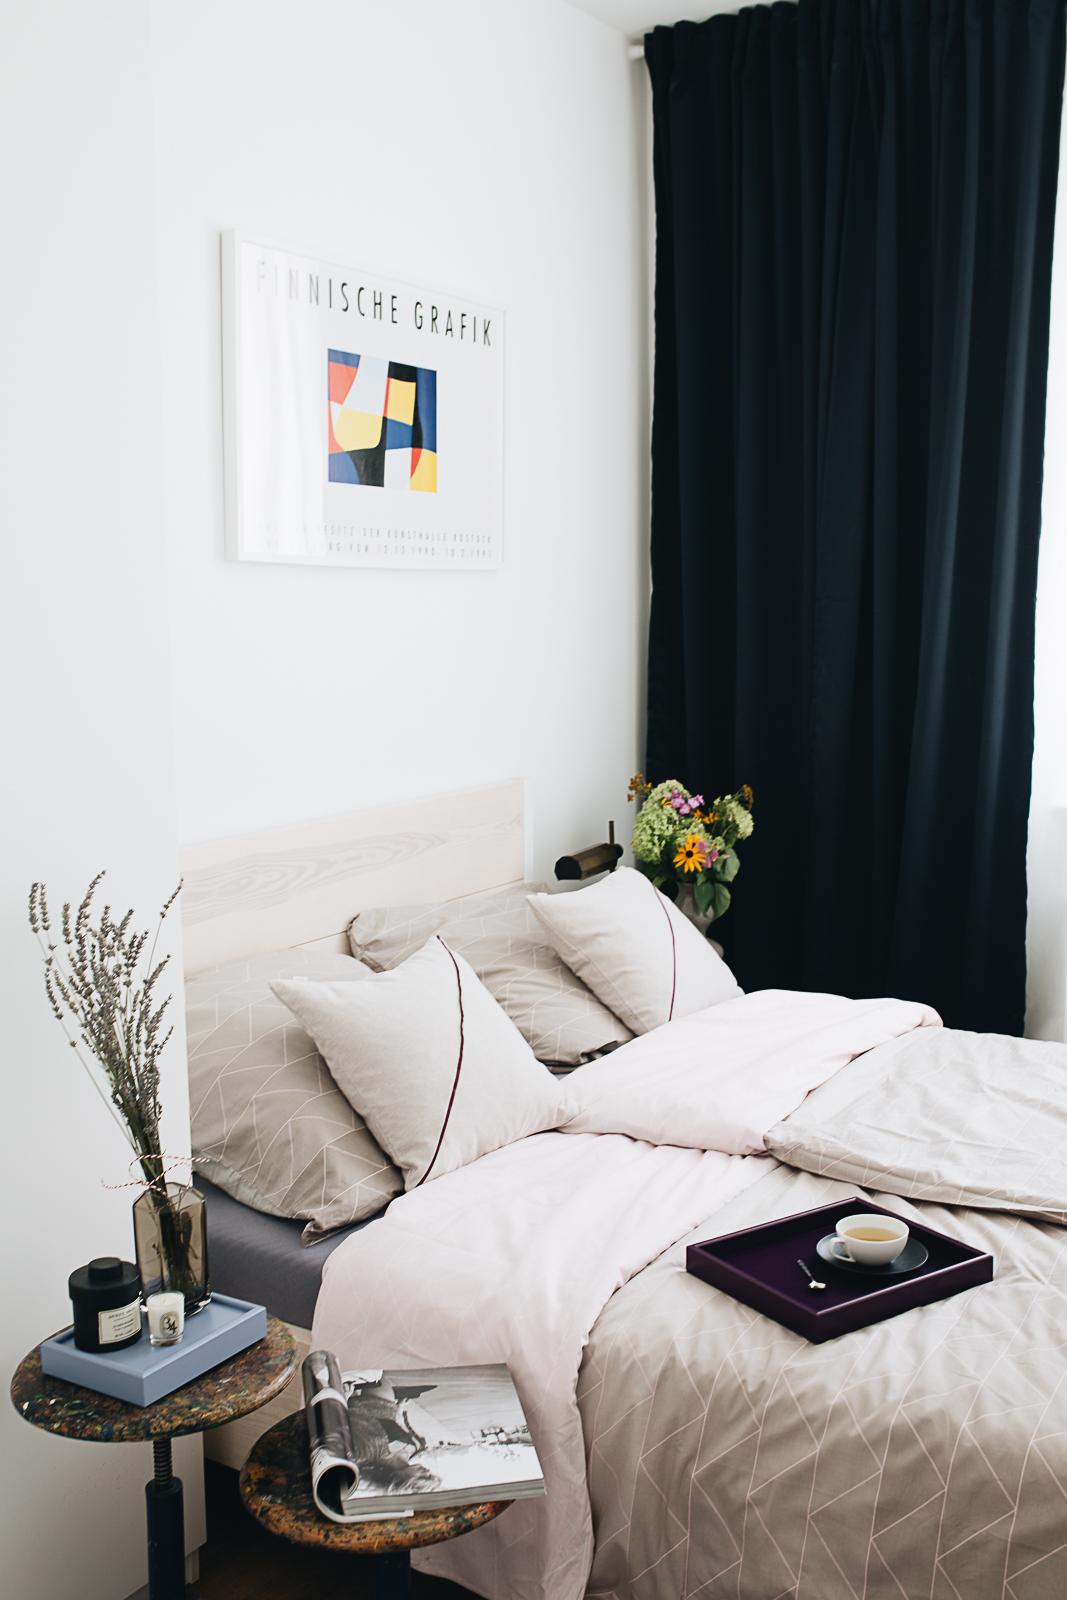 Schlafzimmer, ESPRIT Home, Bettwäsche, Magazin, Sleep